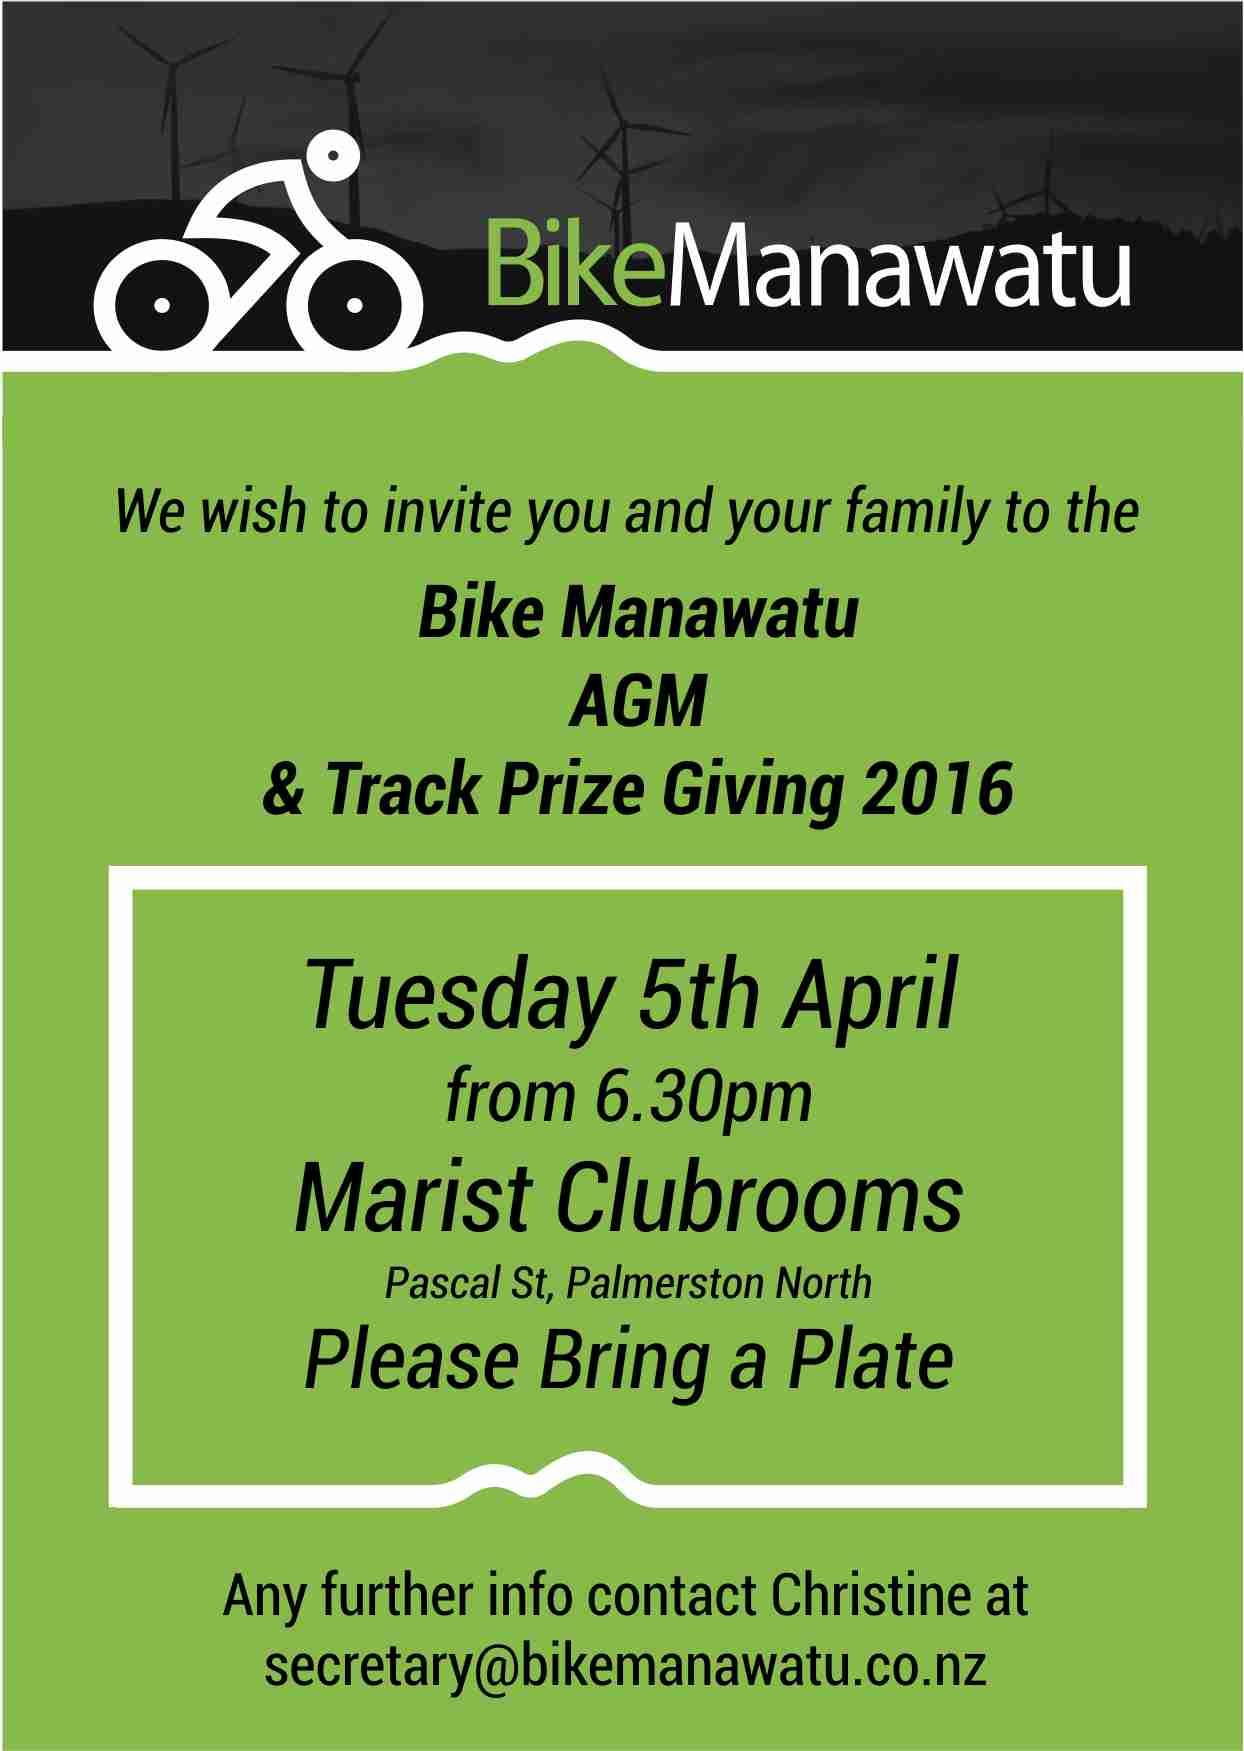 Bike Manawatu AGM Invite